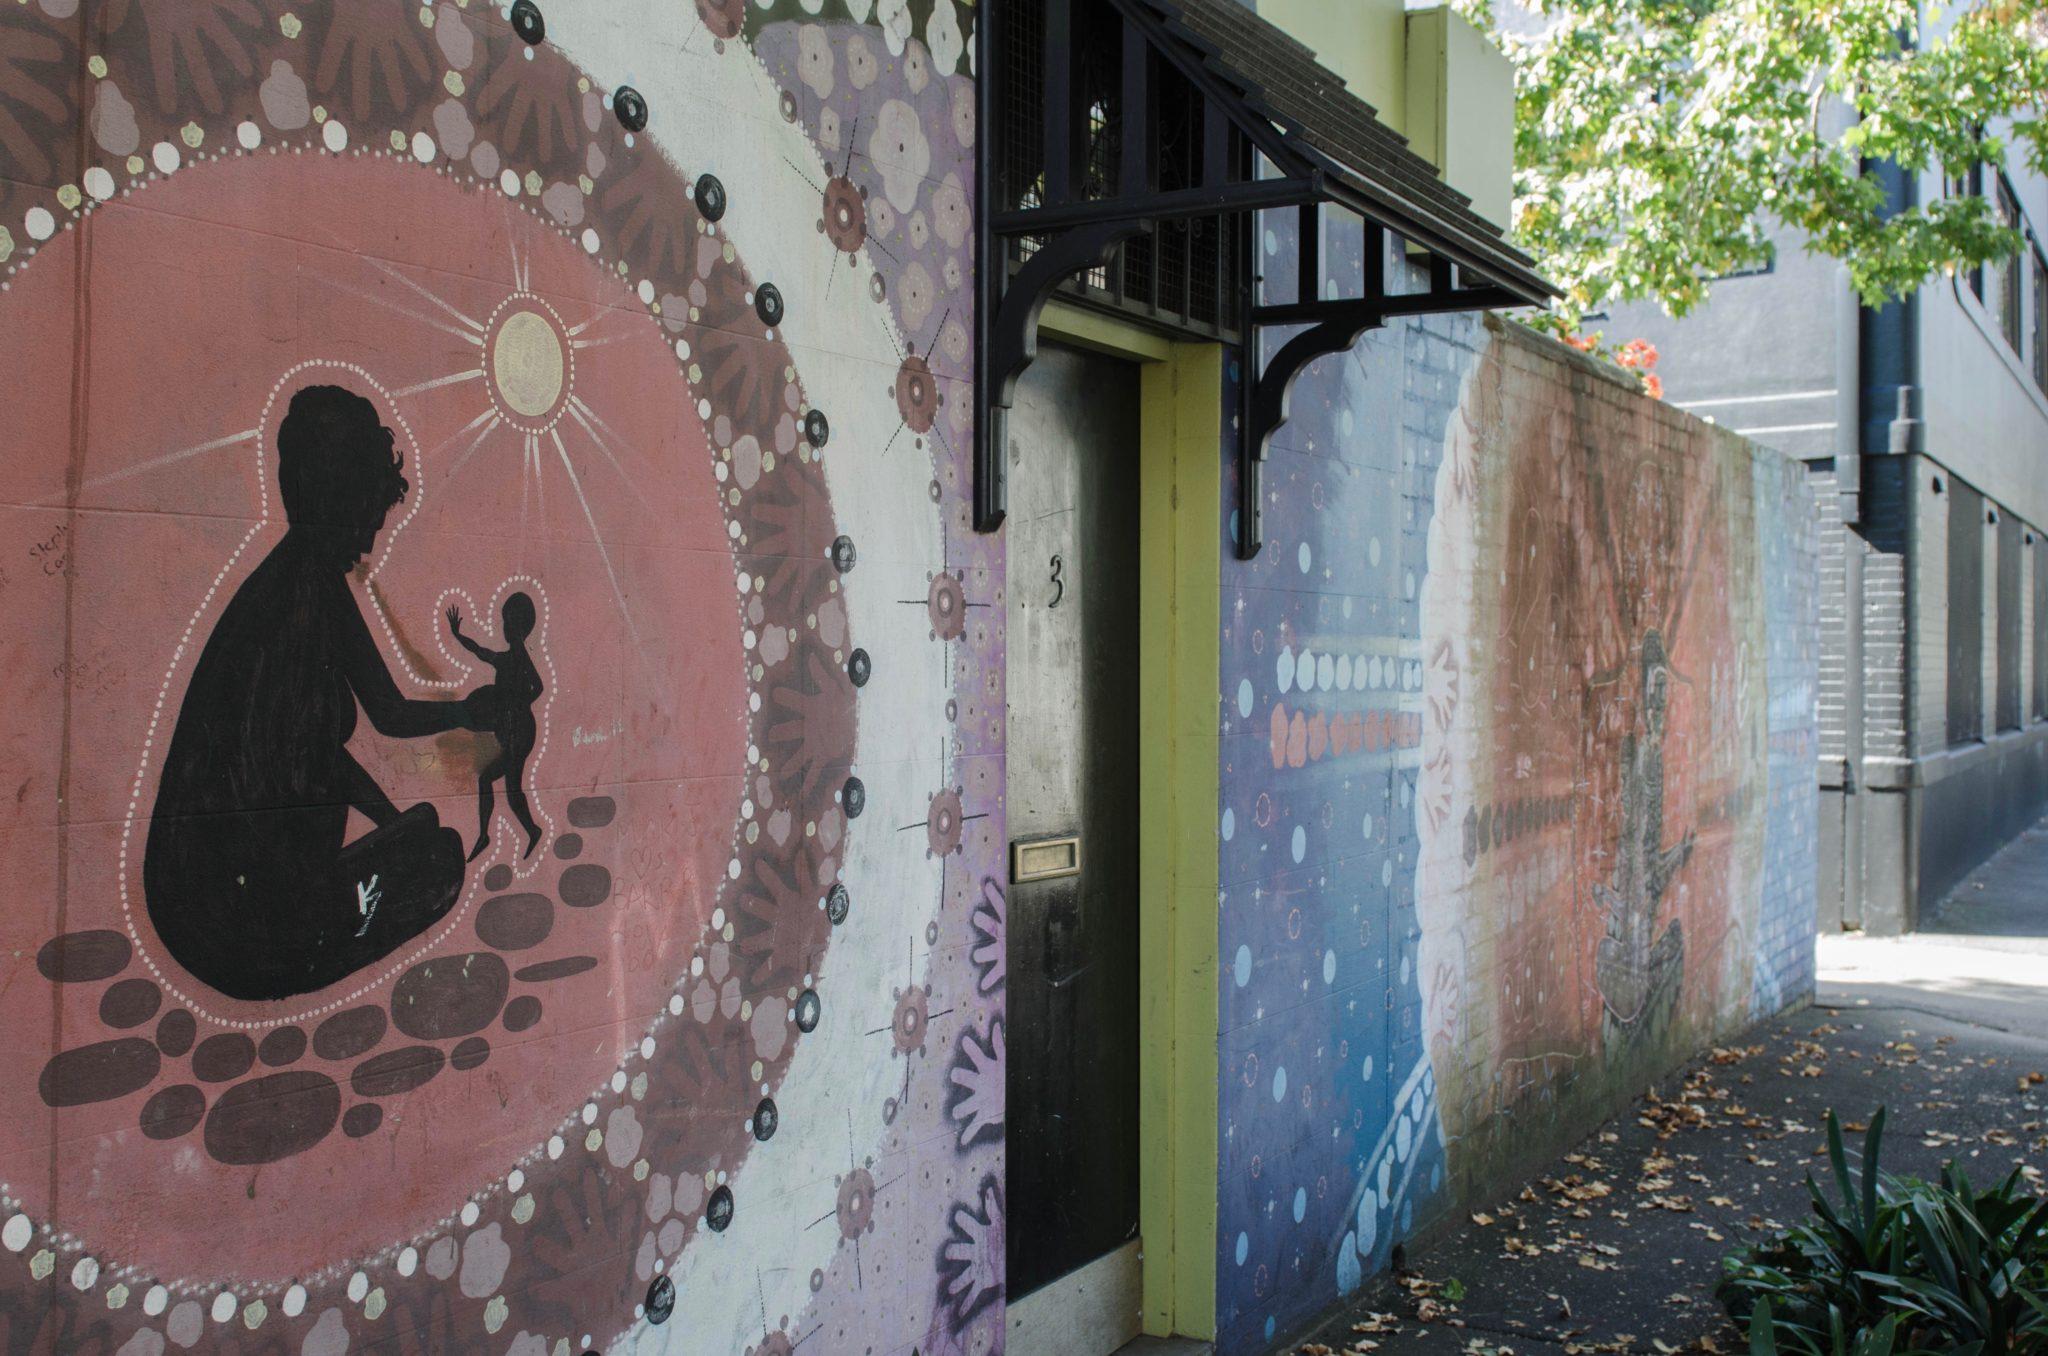 Redfern Sydney: Diese Malereien findet man heute am Aboriginal Community Centre